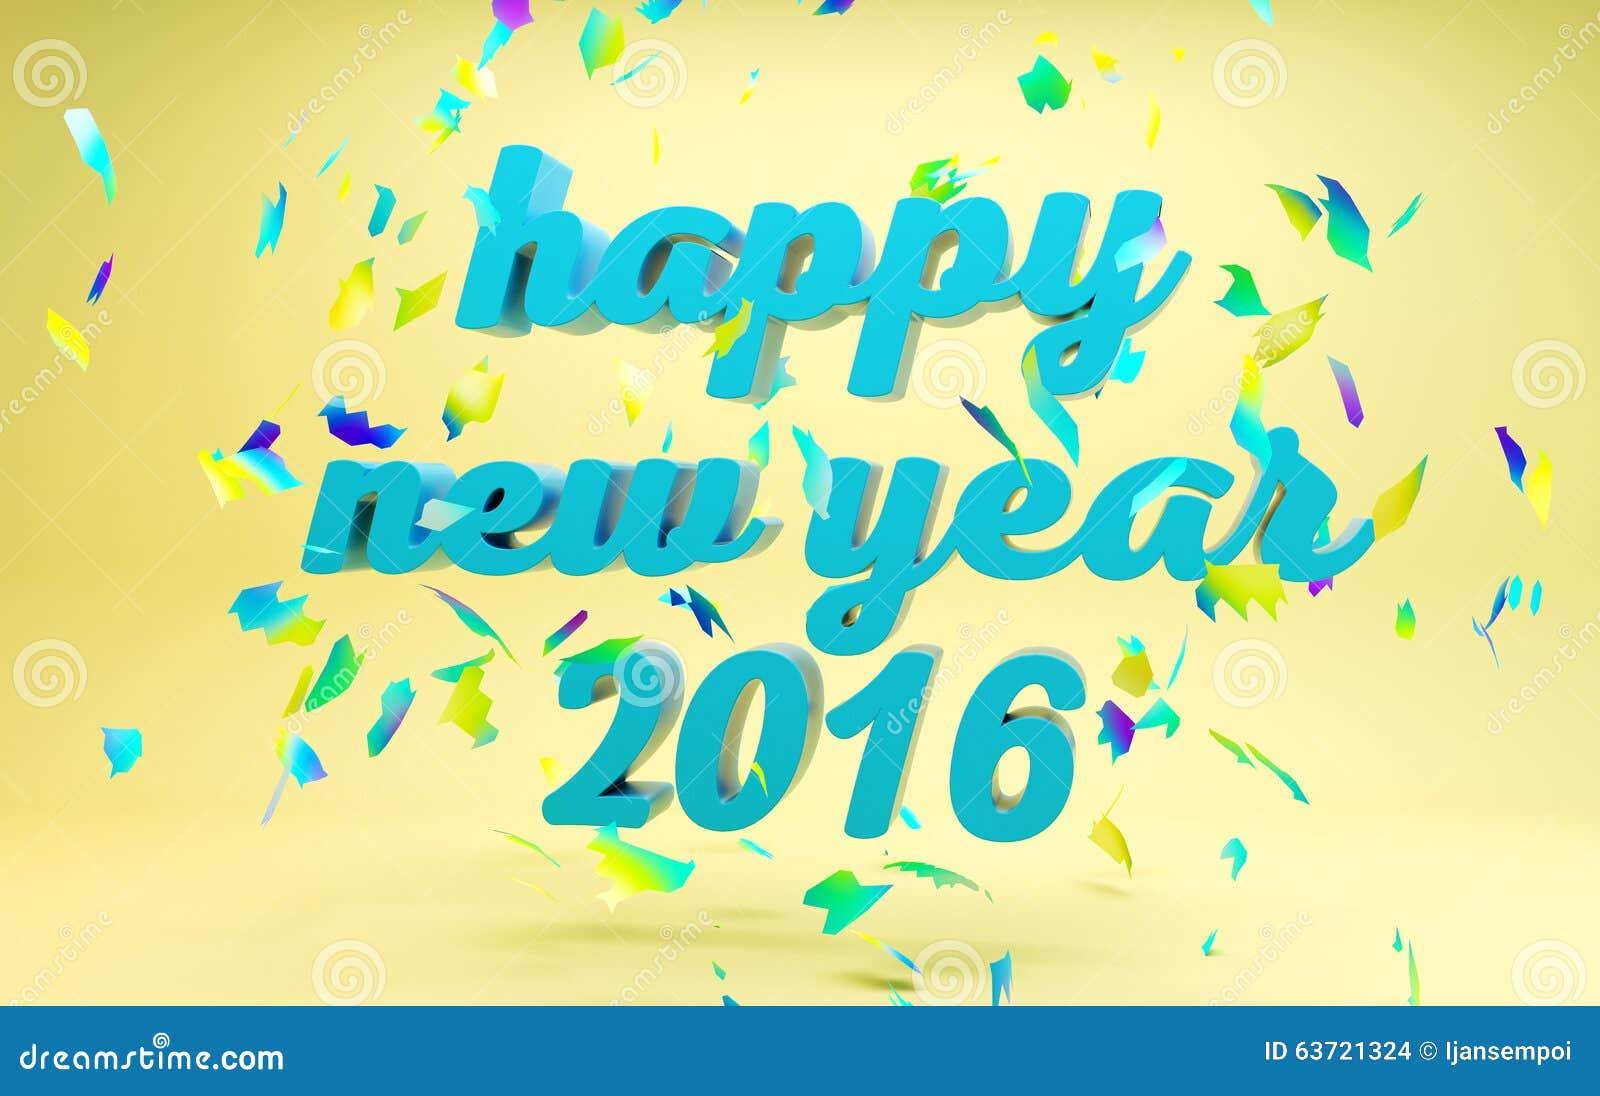 Gelukkige Nieuwjaar 2016 tekst